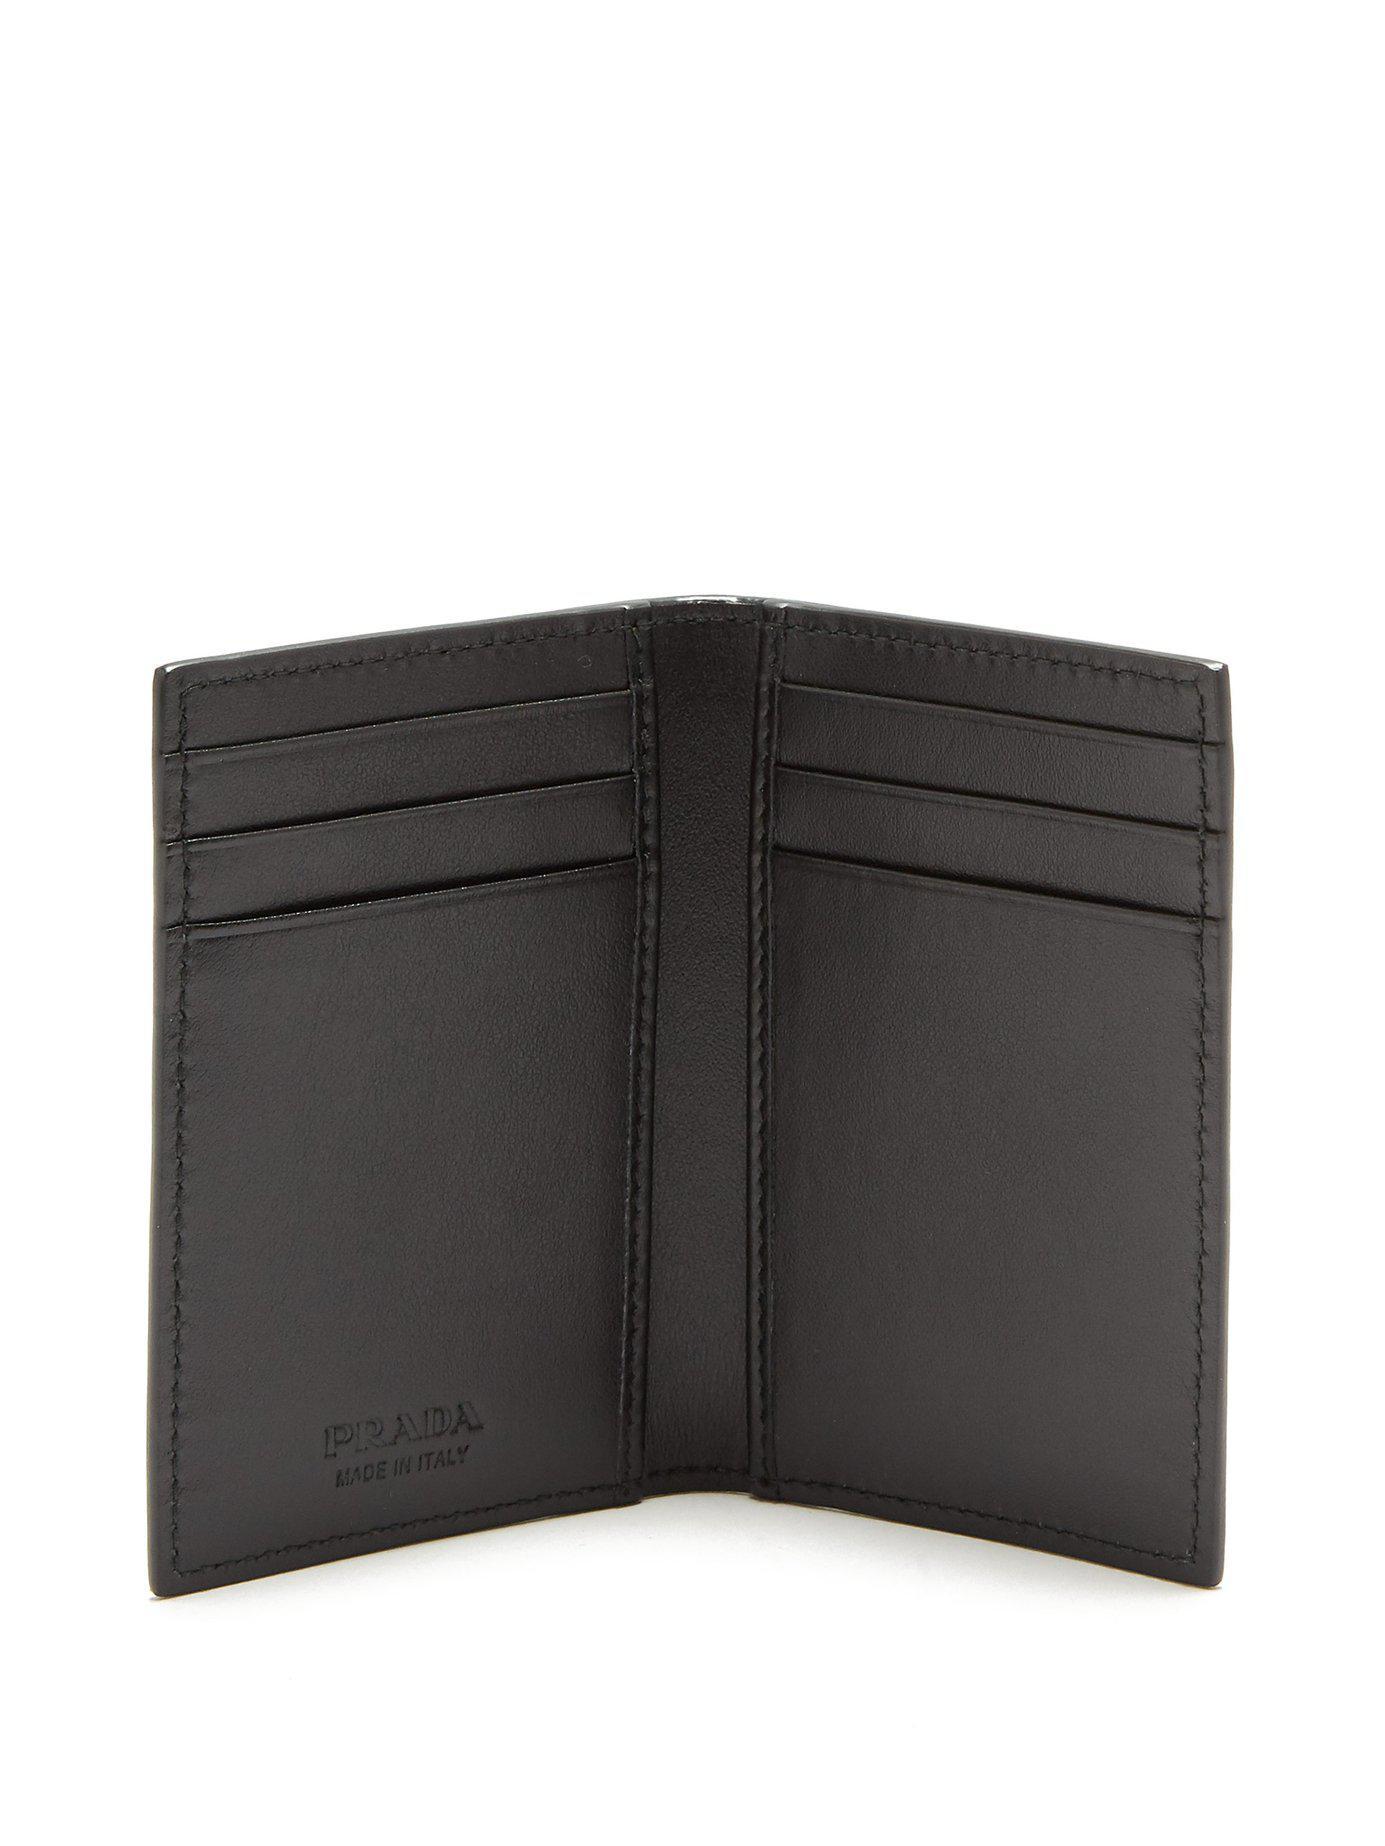 66390df21ab9 Lyst - Prada Logo Print Bi Fold Cardholder in Black for Men